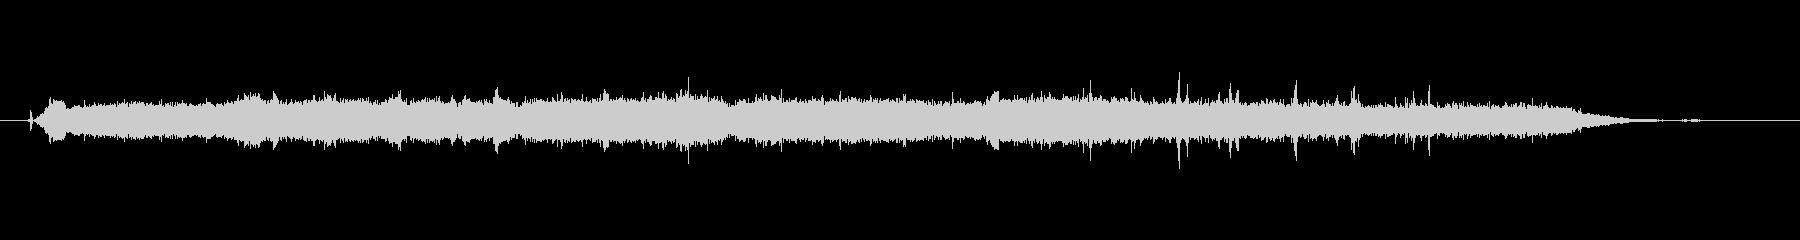 機械-電気-オン_オフ-庭-の未再生の波形